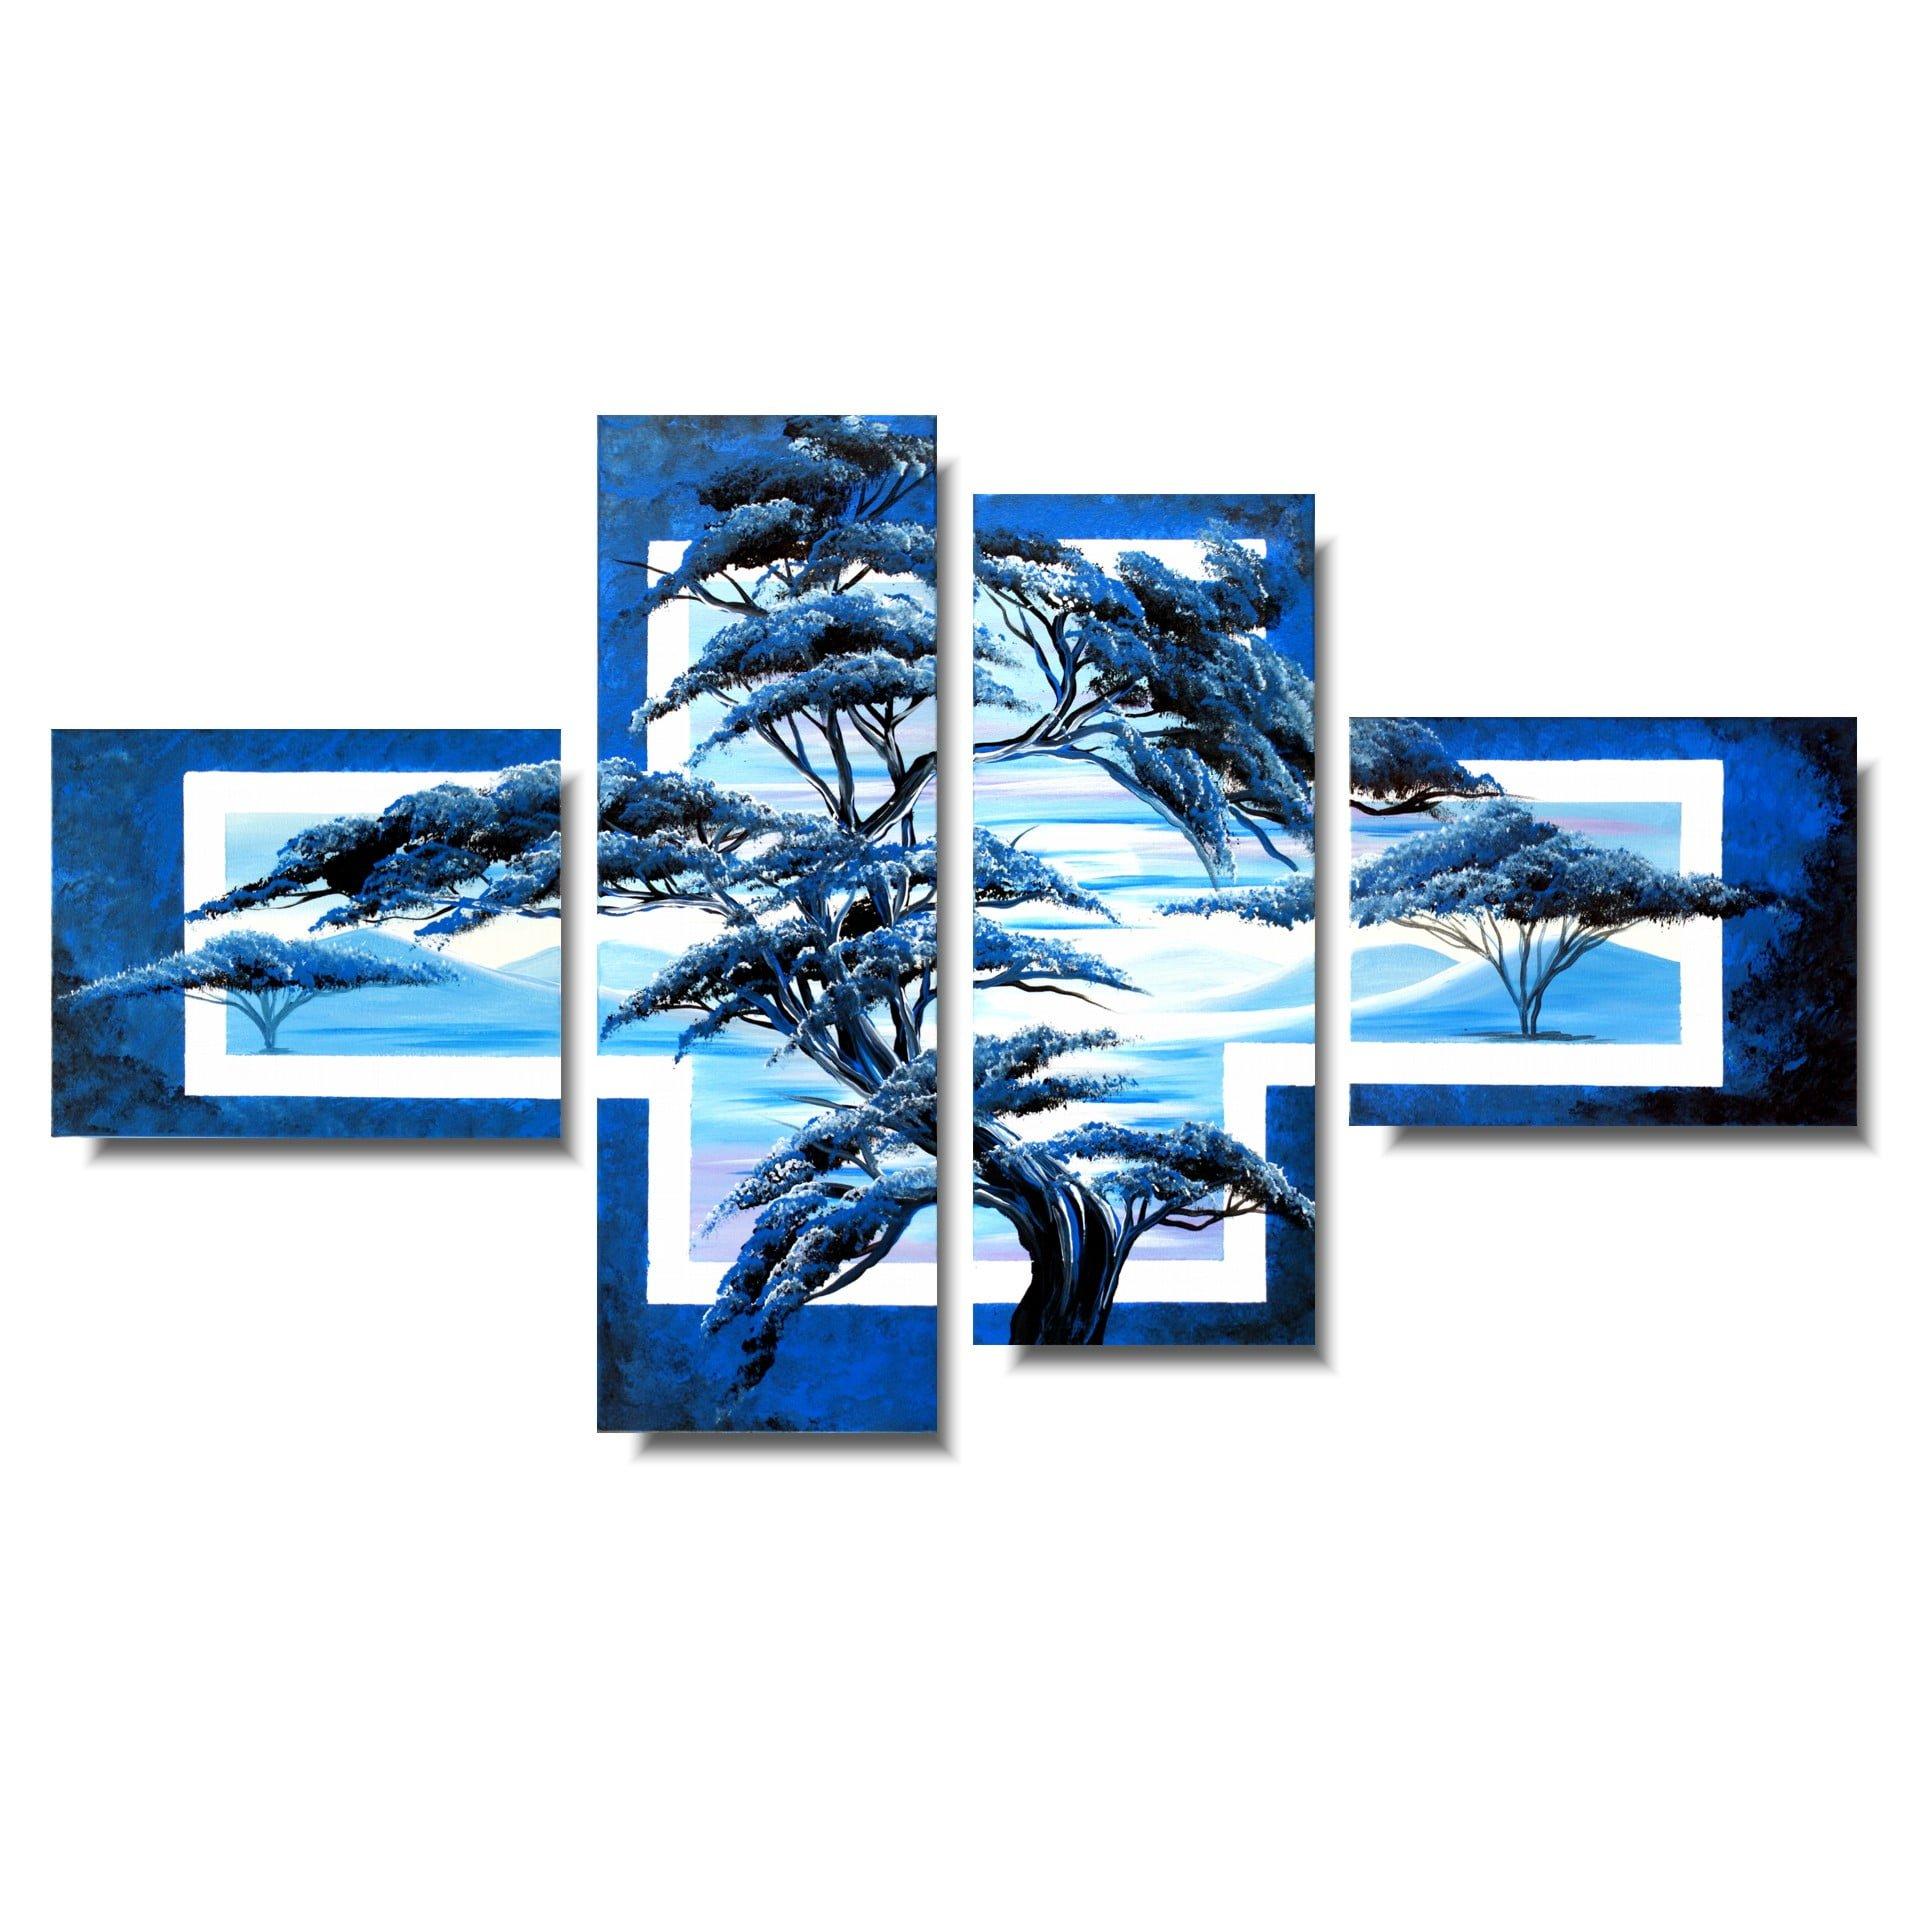 pejzaż niebieski poranek obraz drzewo 866A